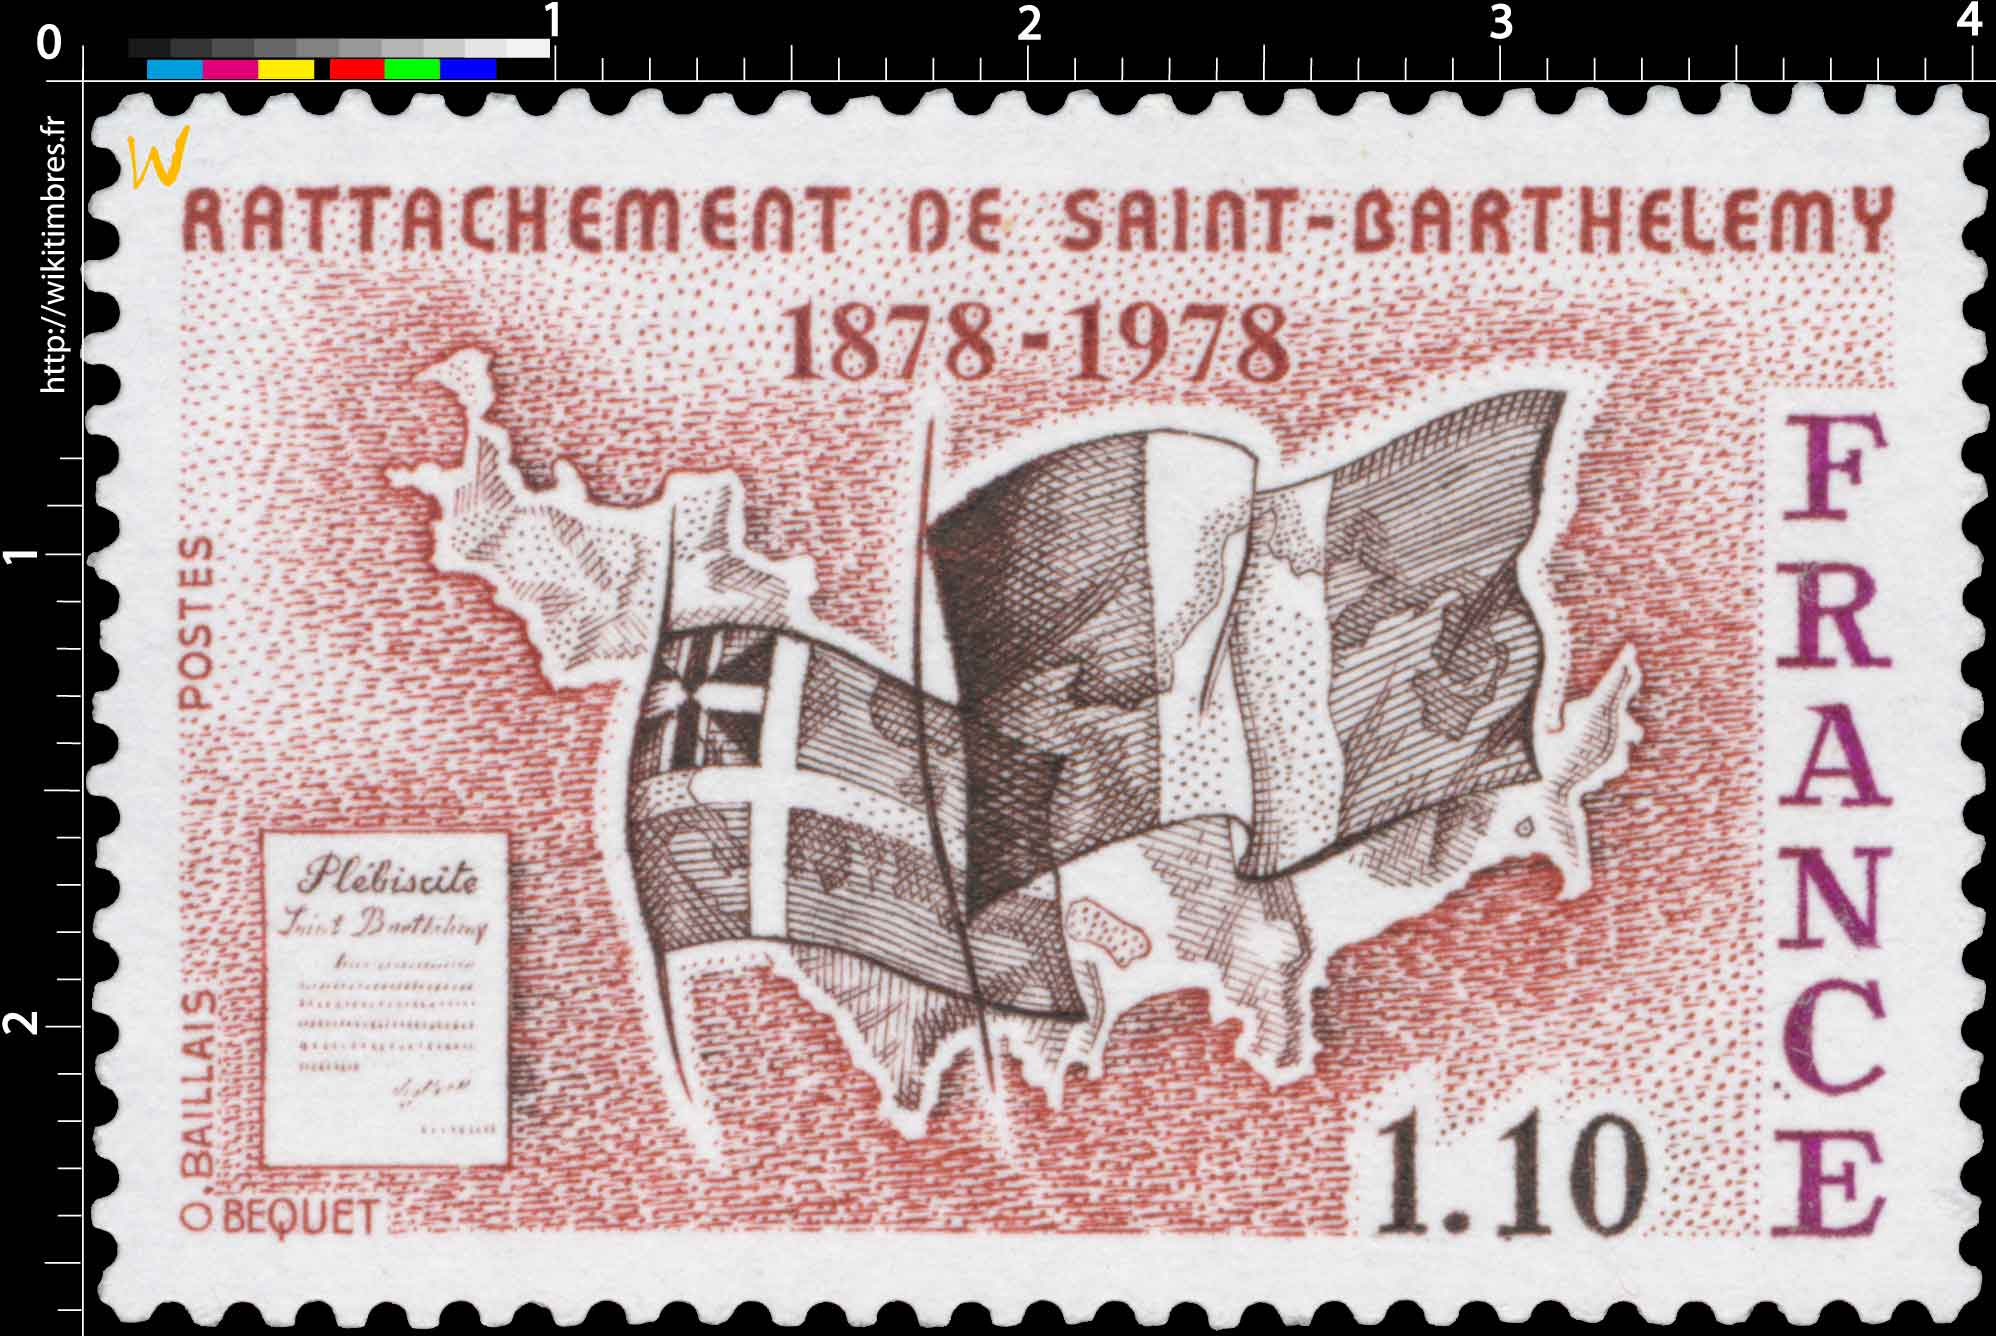 RATTACHEMENT DE SAINT-BARTHÉLEMY 1878-1978